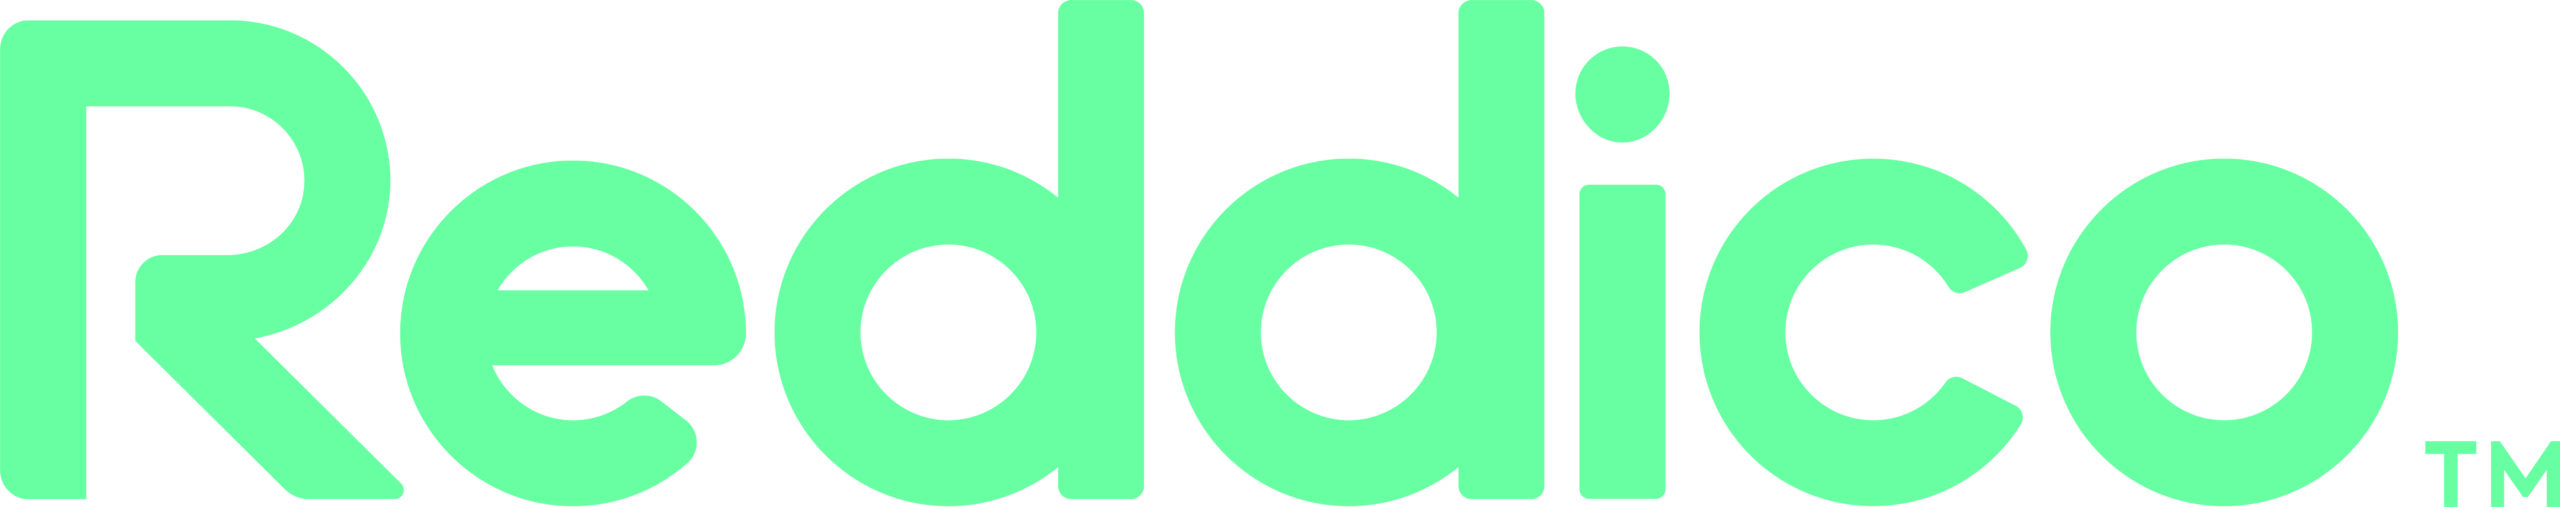 Reddico logo